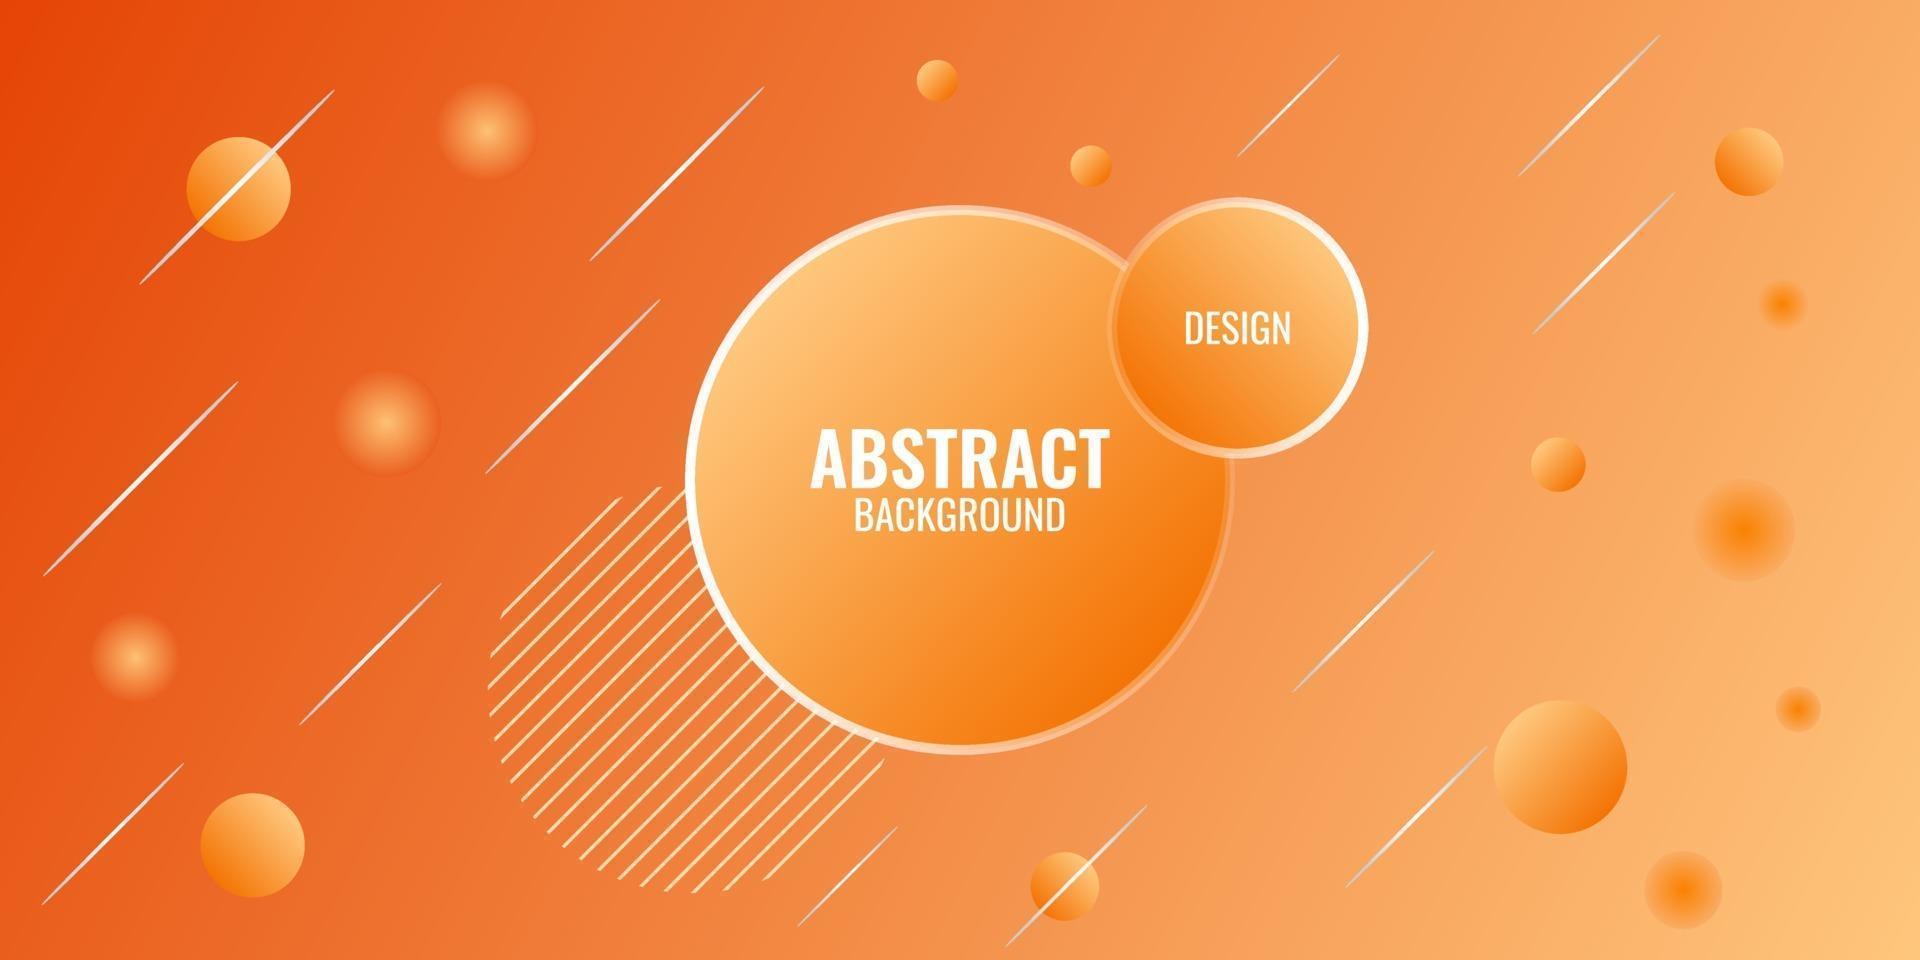 moderne abstrakte orange Farbverlauf geometrisch vektor